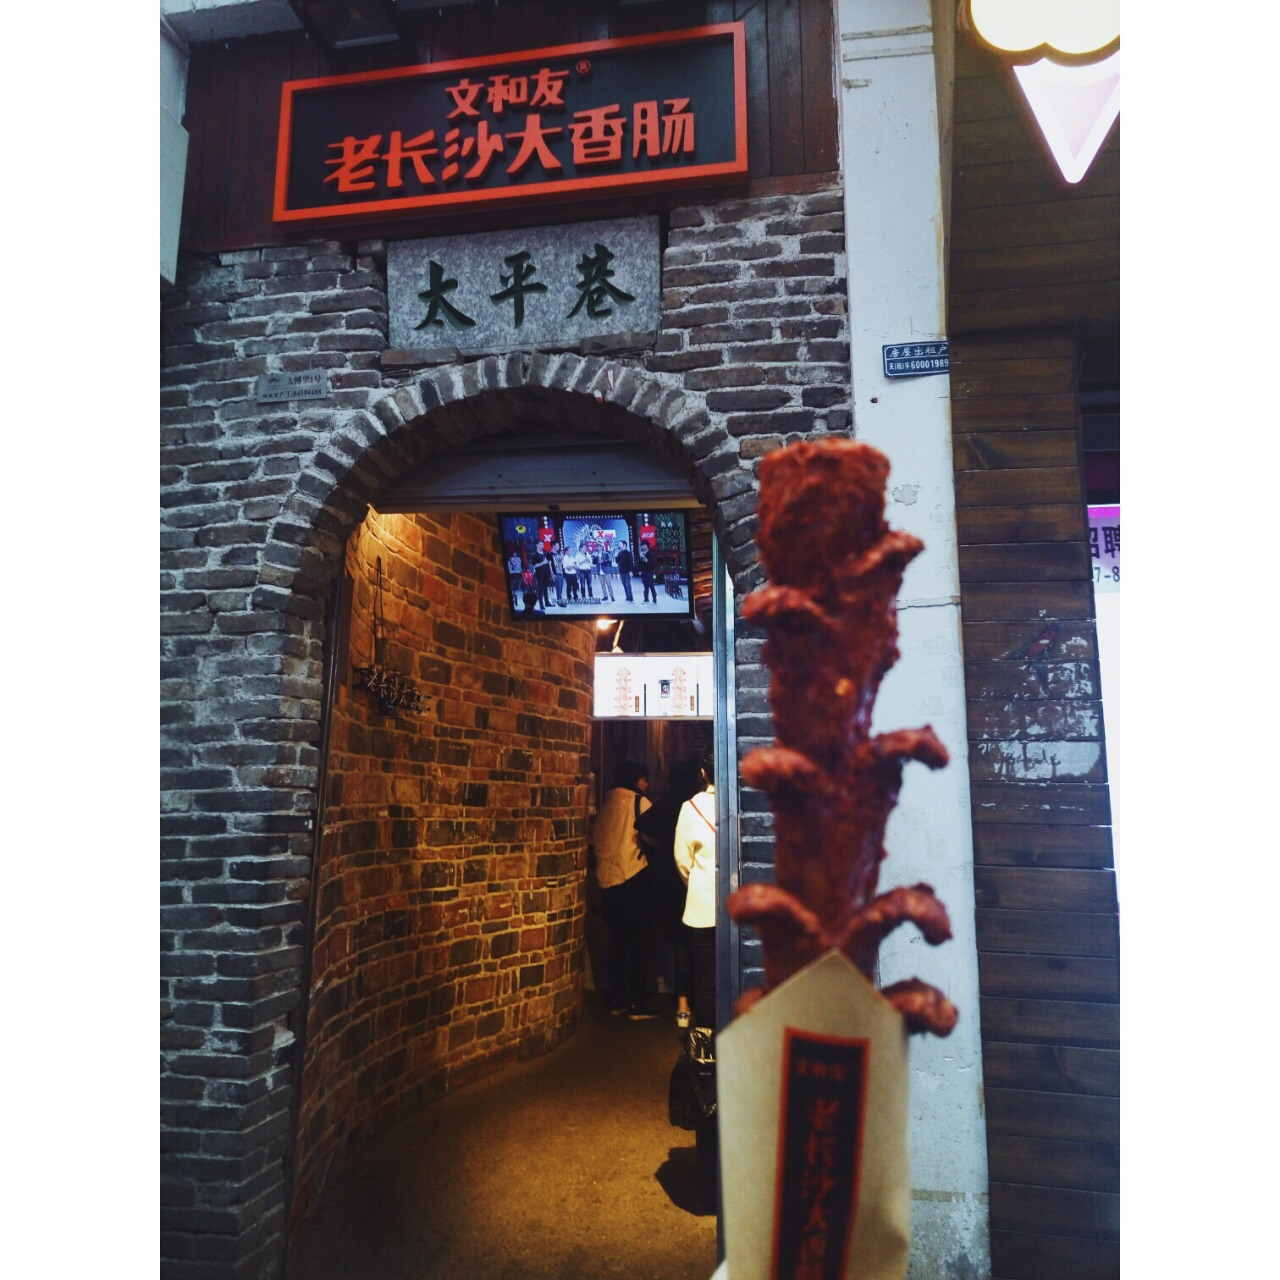 文和友老长沙大城堡旅游景点攻攻略香肠逃脱魔法冰略图逃脱密室图片